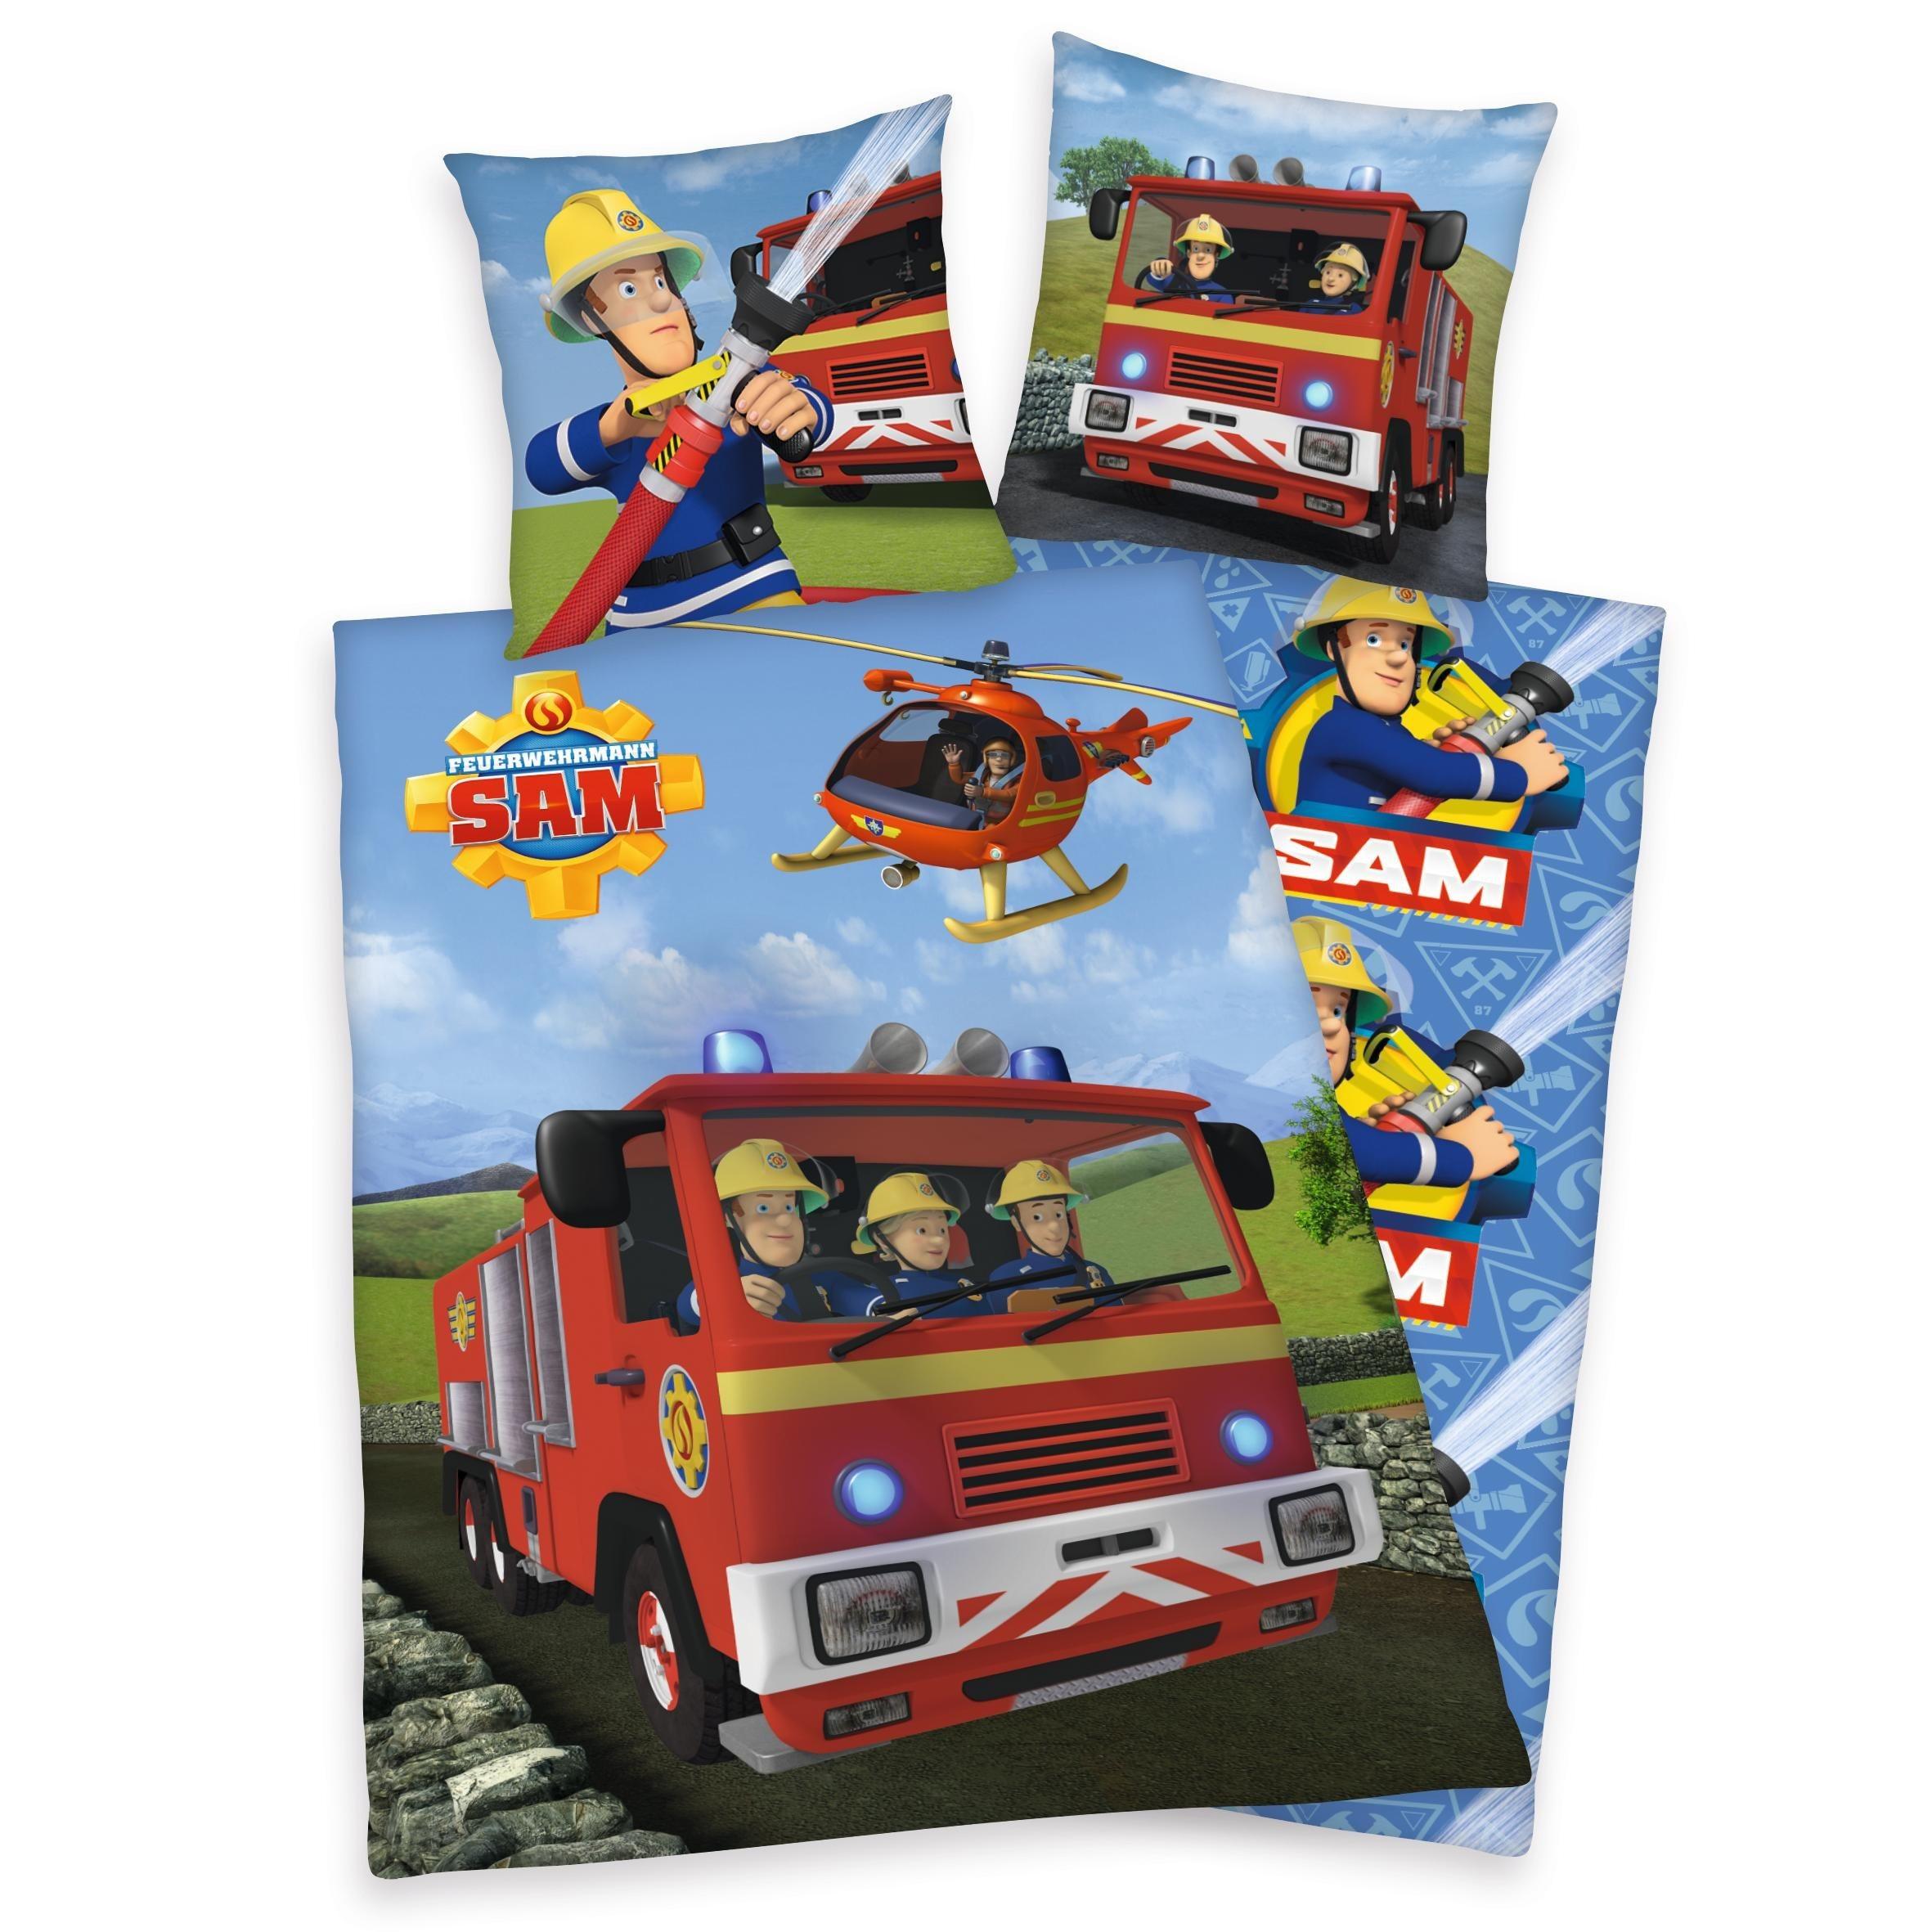 Kinderbettwäsche »Sam im Einsatz«, Feuerwehrmann Sam, mit Feuerwehrauto und Hubschrauber | Kinderzimmer > Textilien für Kinder > Kinderbettwäsche | Feuerwehrmann Sam